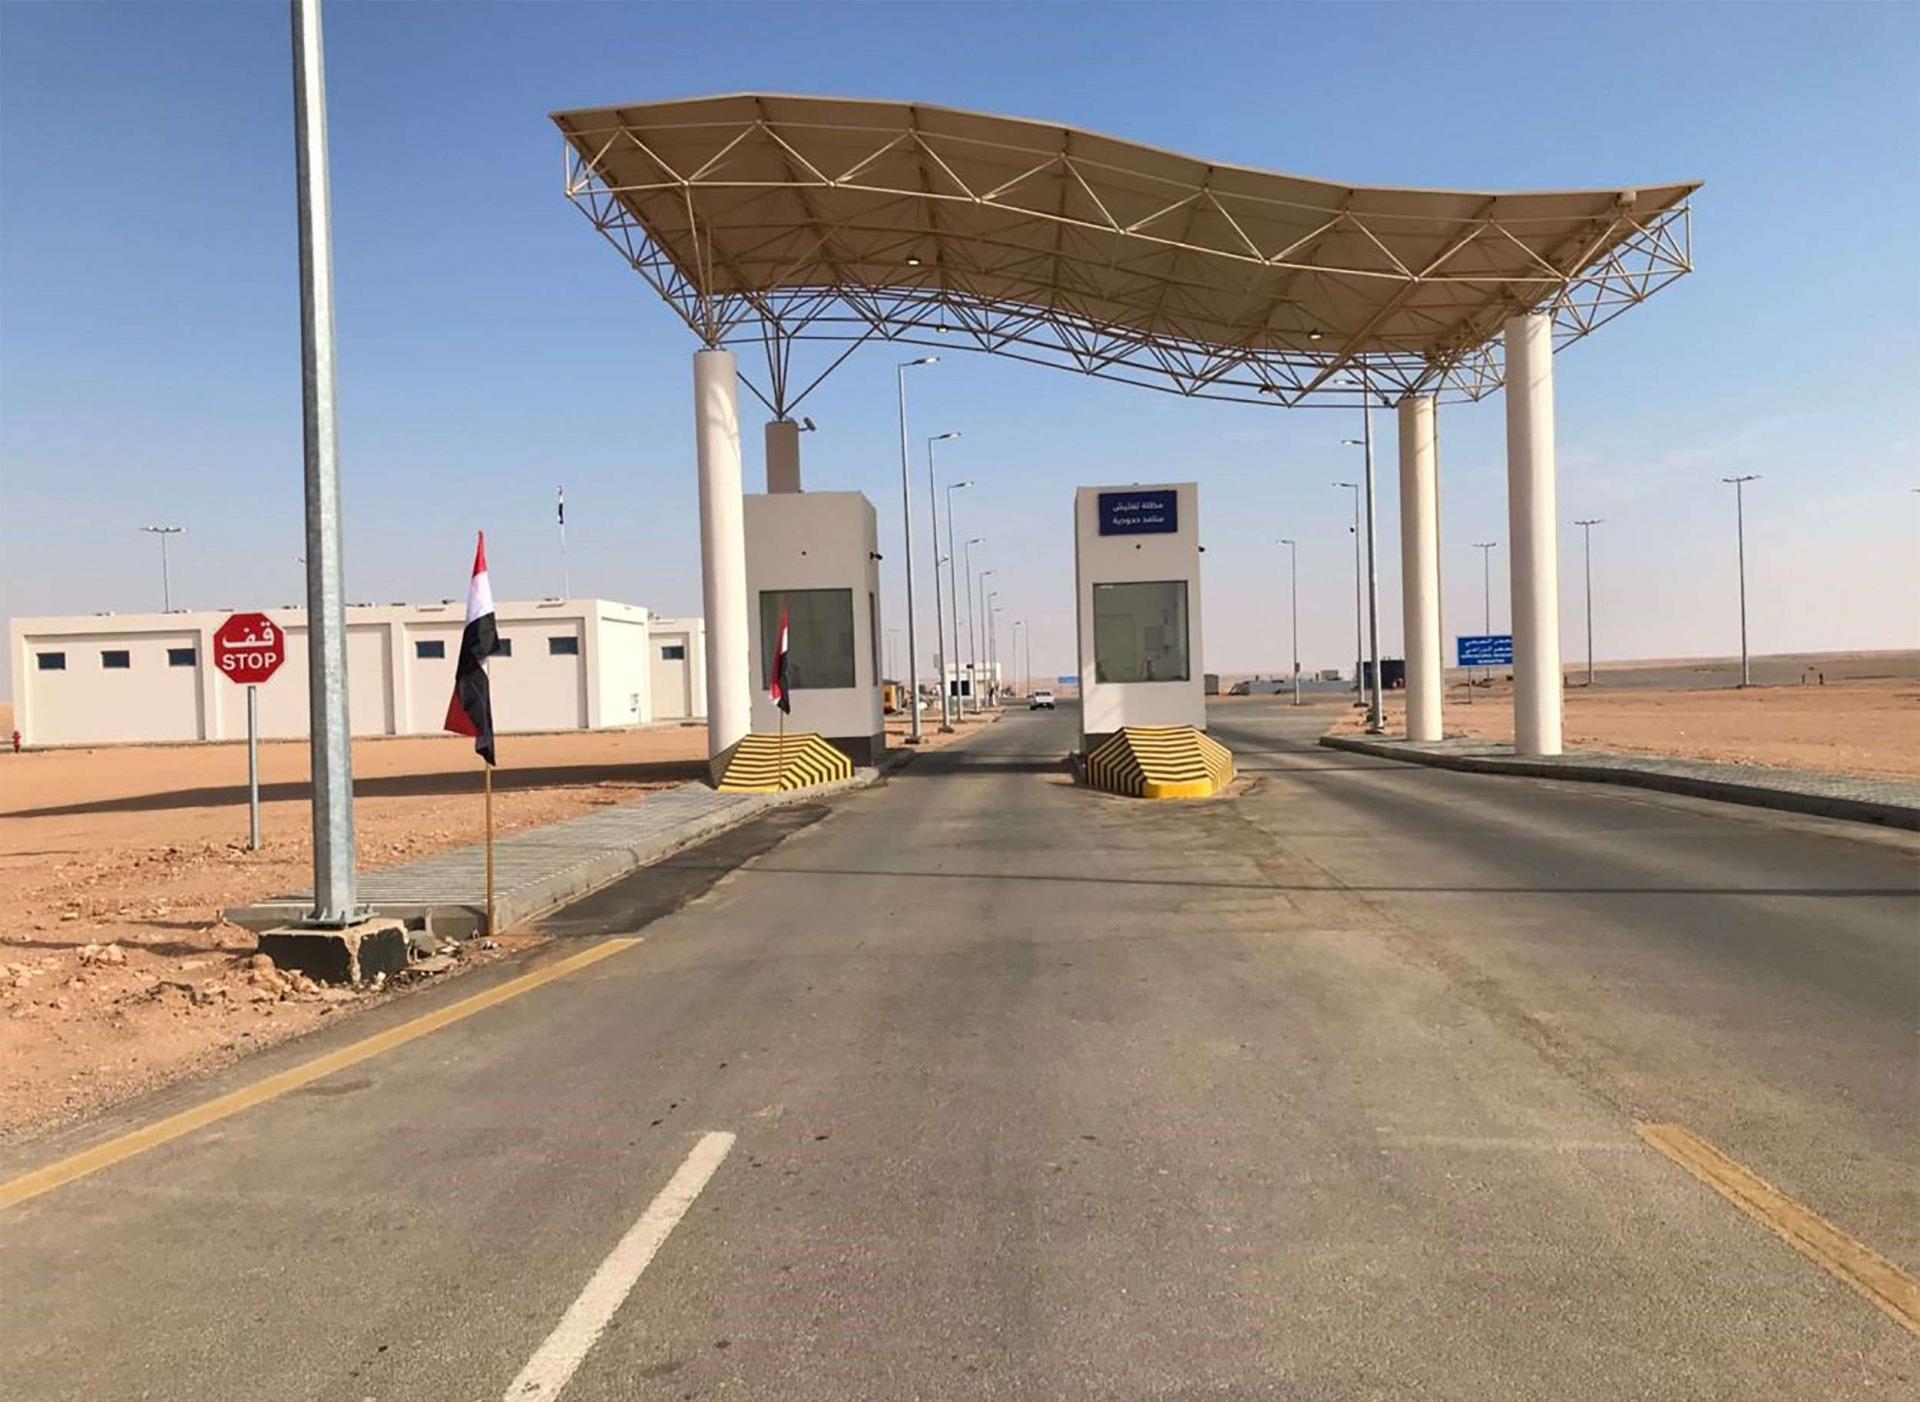 معبر عرعر أمل العراق بتحسين حركة التجارة مع الوطن العربي